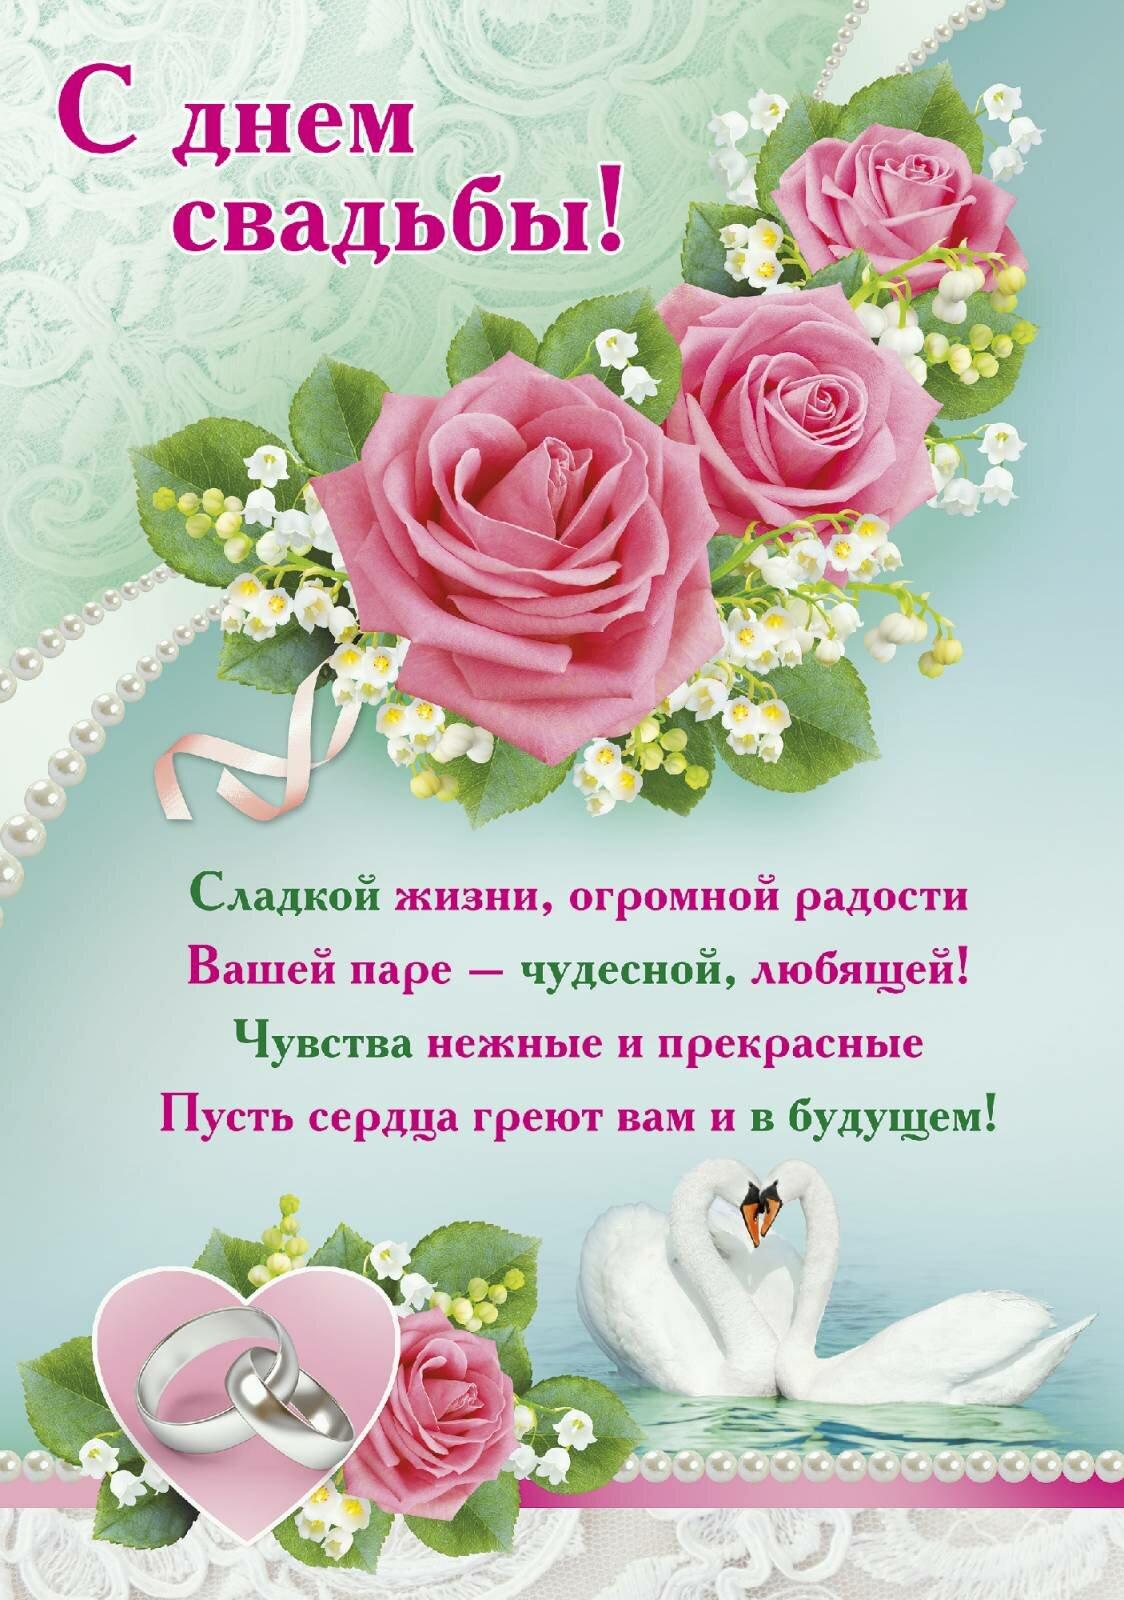 Большие поздравительные открытки с днем свадьбы, картинки тексты